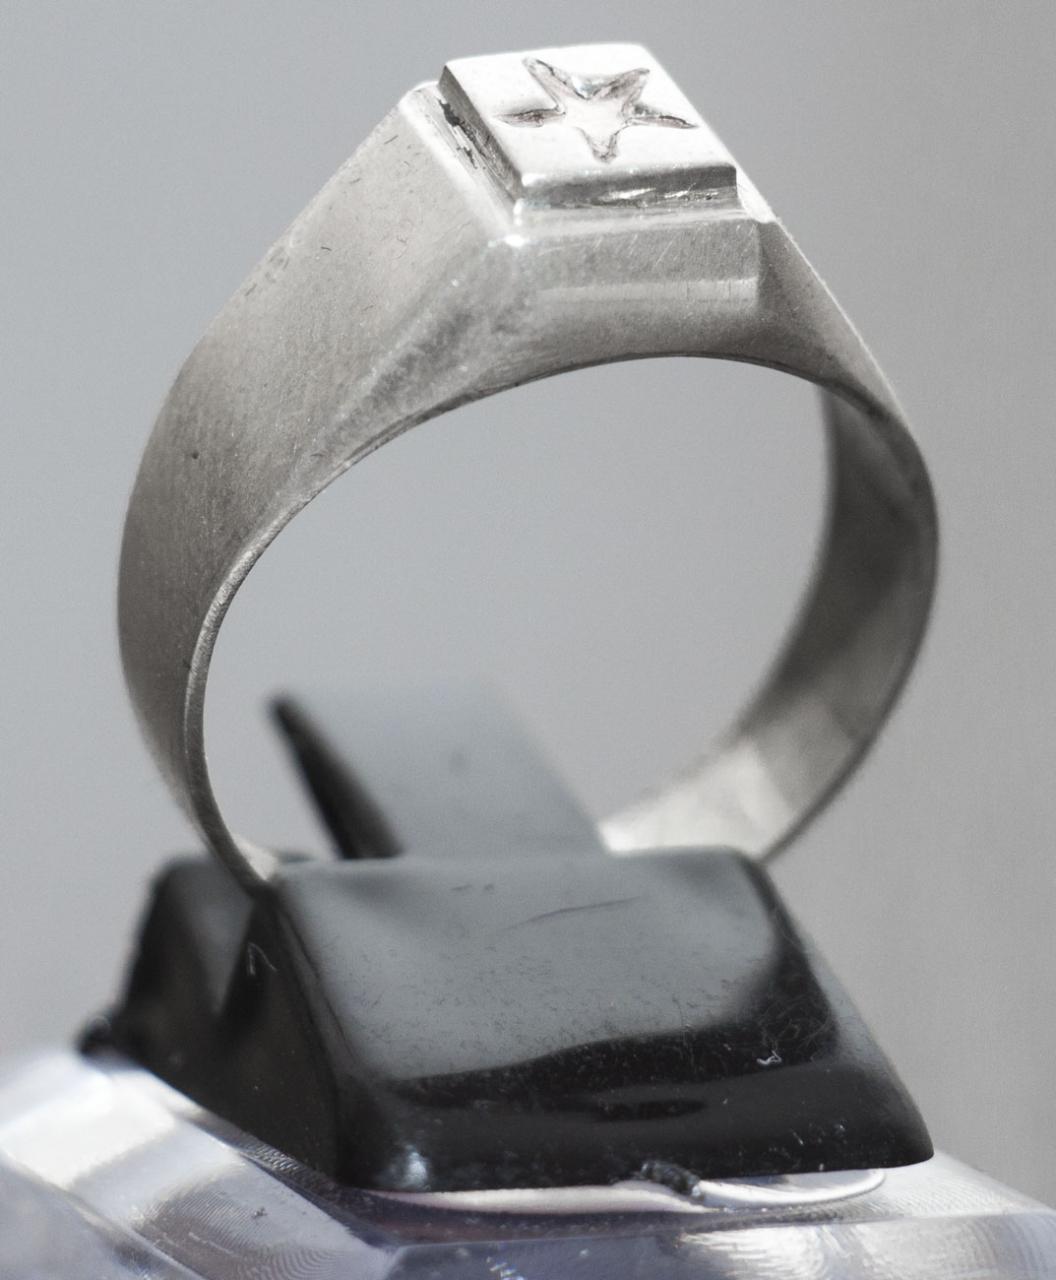 Hirz Ring (Bittgebet von Imam Jawad innenliegend) - Silberfassung